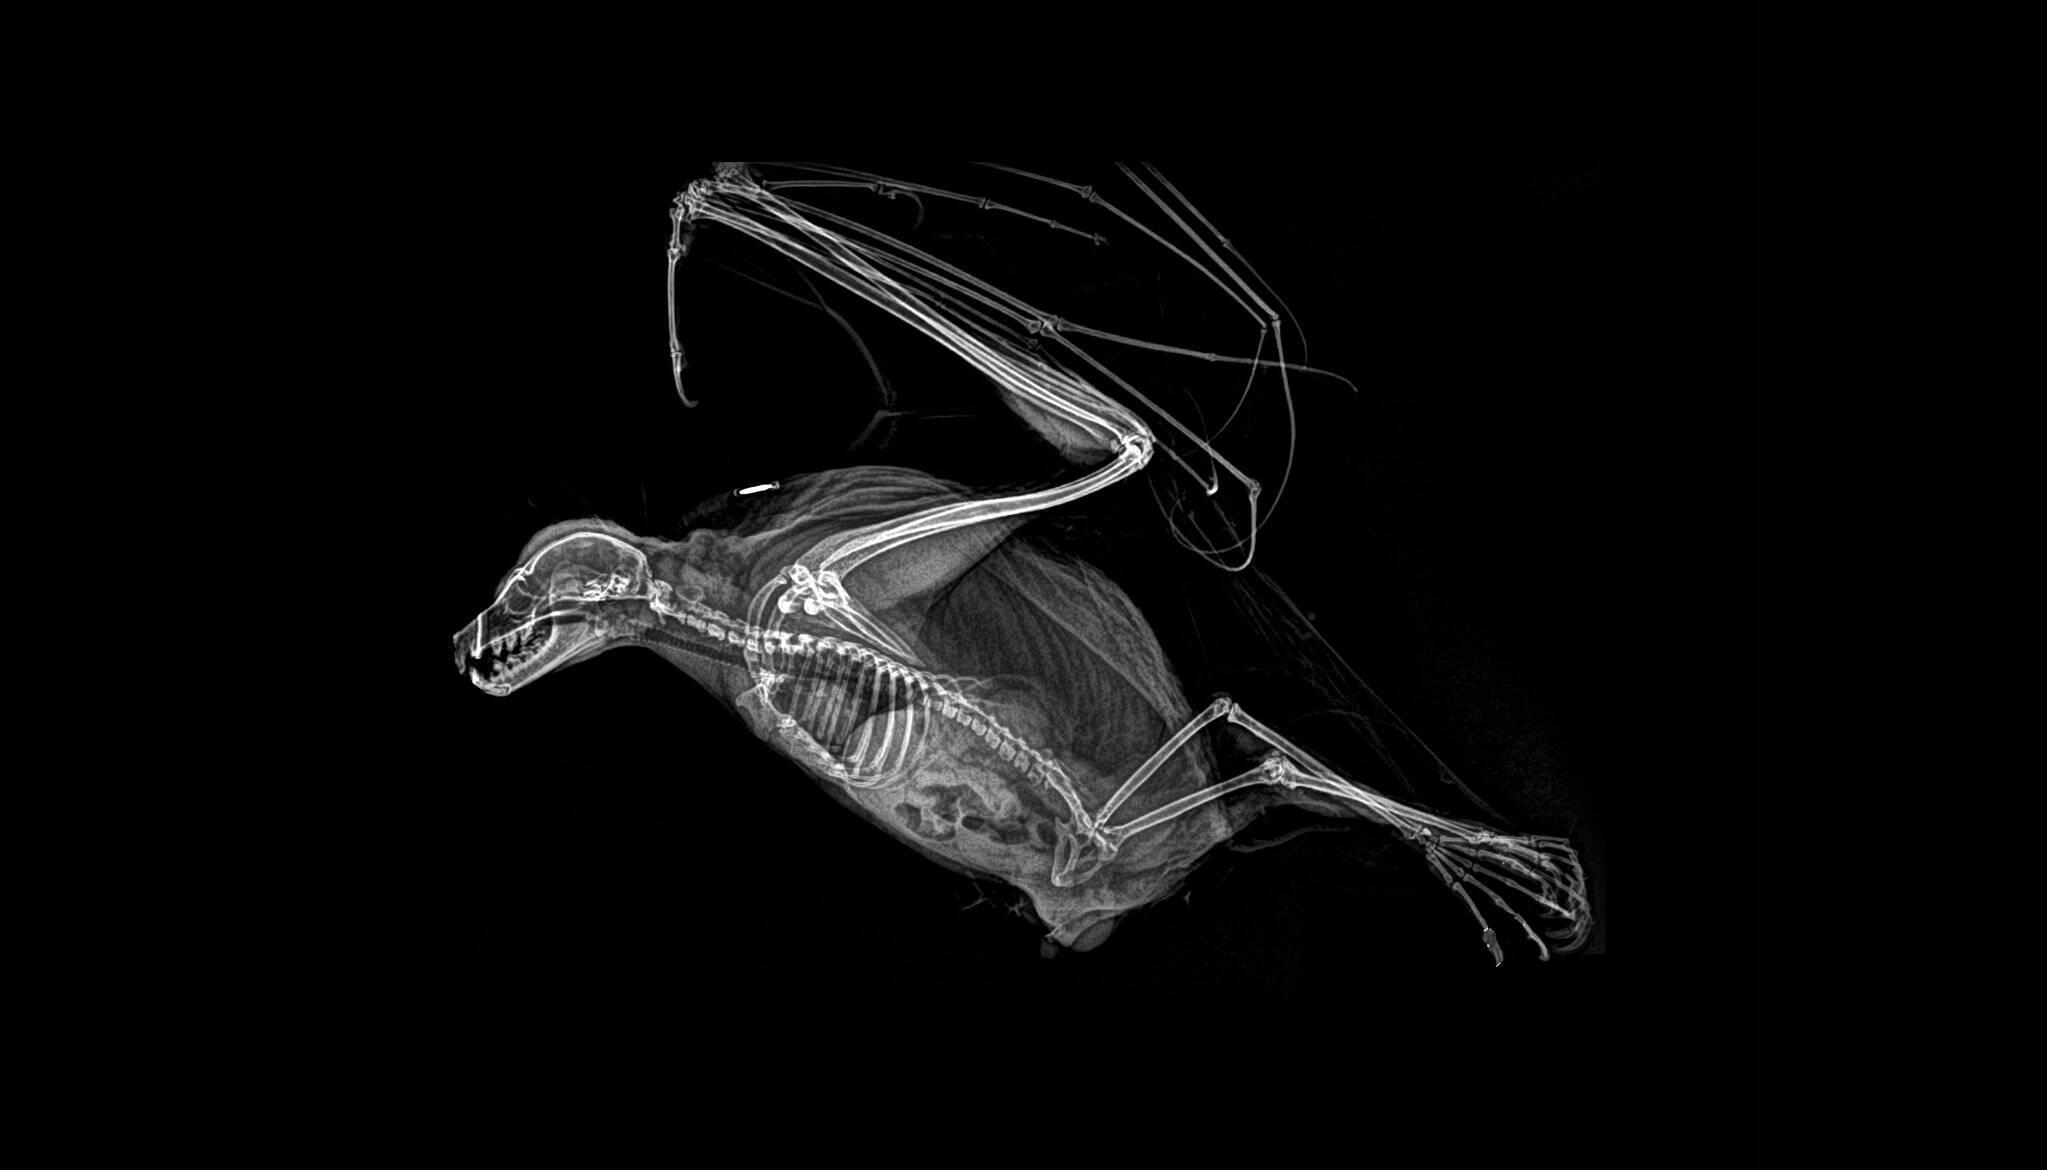 Raio-x de uma raposa-voadora Rodrigues. Foto: Divulgação/Oregon Zoo